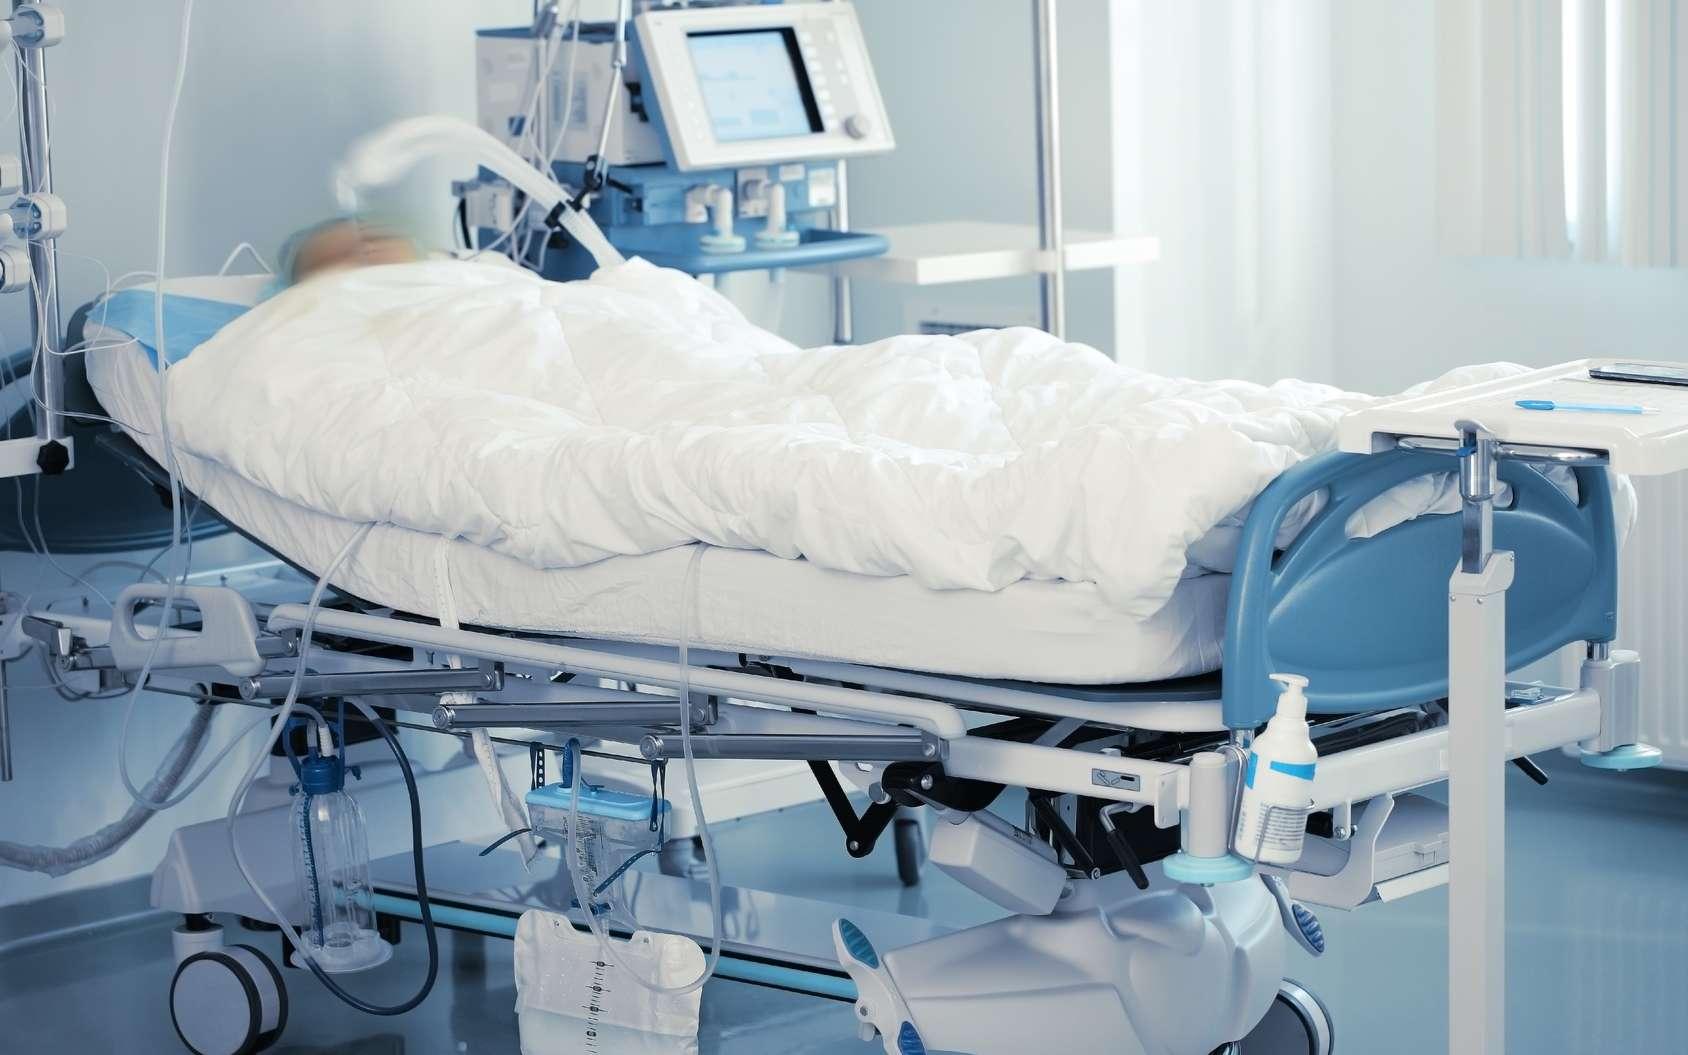 La mort cérébrale correspond à l'arrêt du cerveau, et donc du cœur et de la respiration. Dans le coma, en revanche, les fonctions cérébrales peuvent être maintenues. © Wikimedia Commons, DP